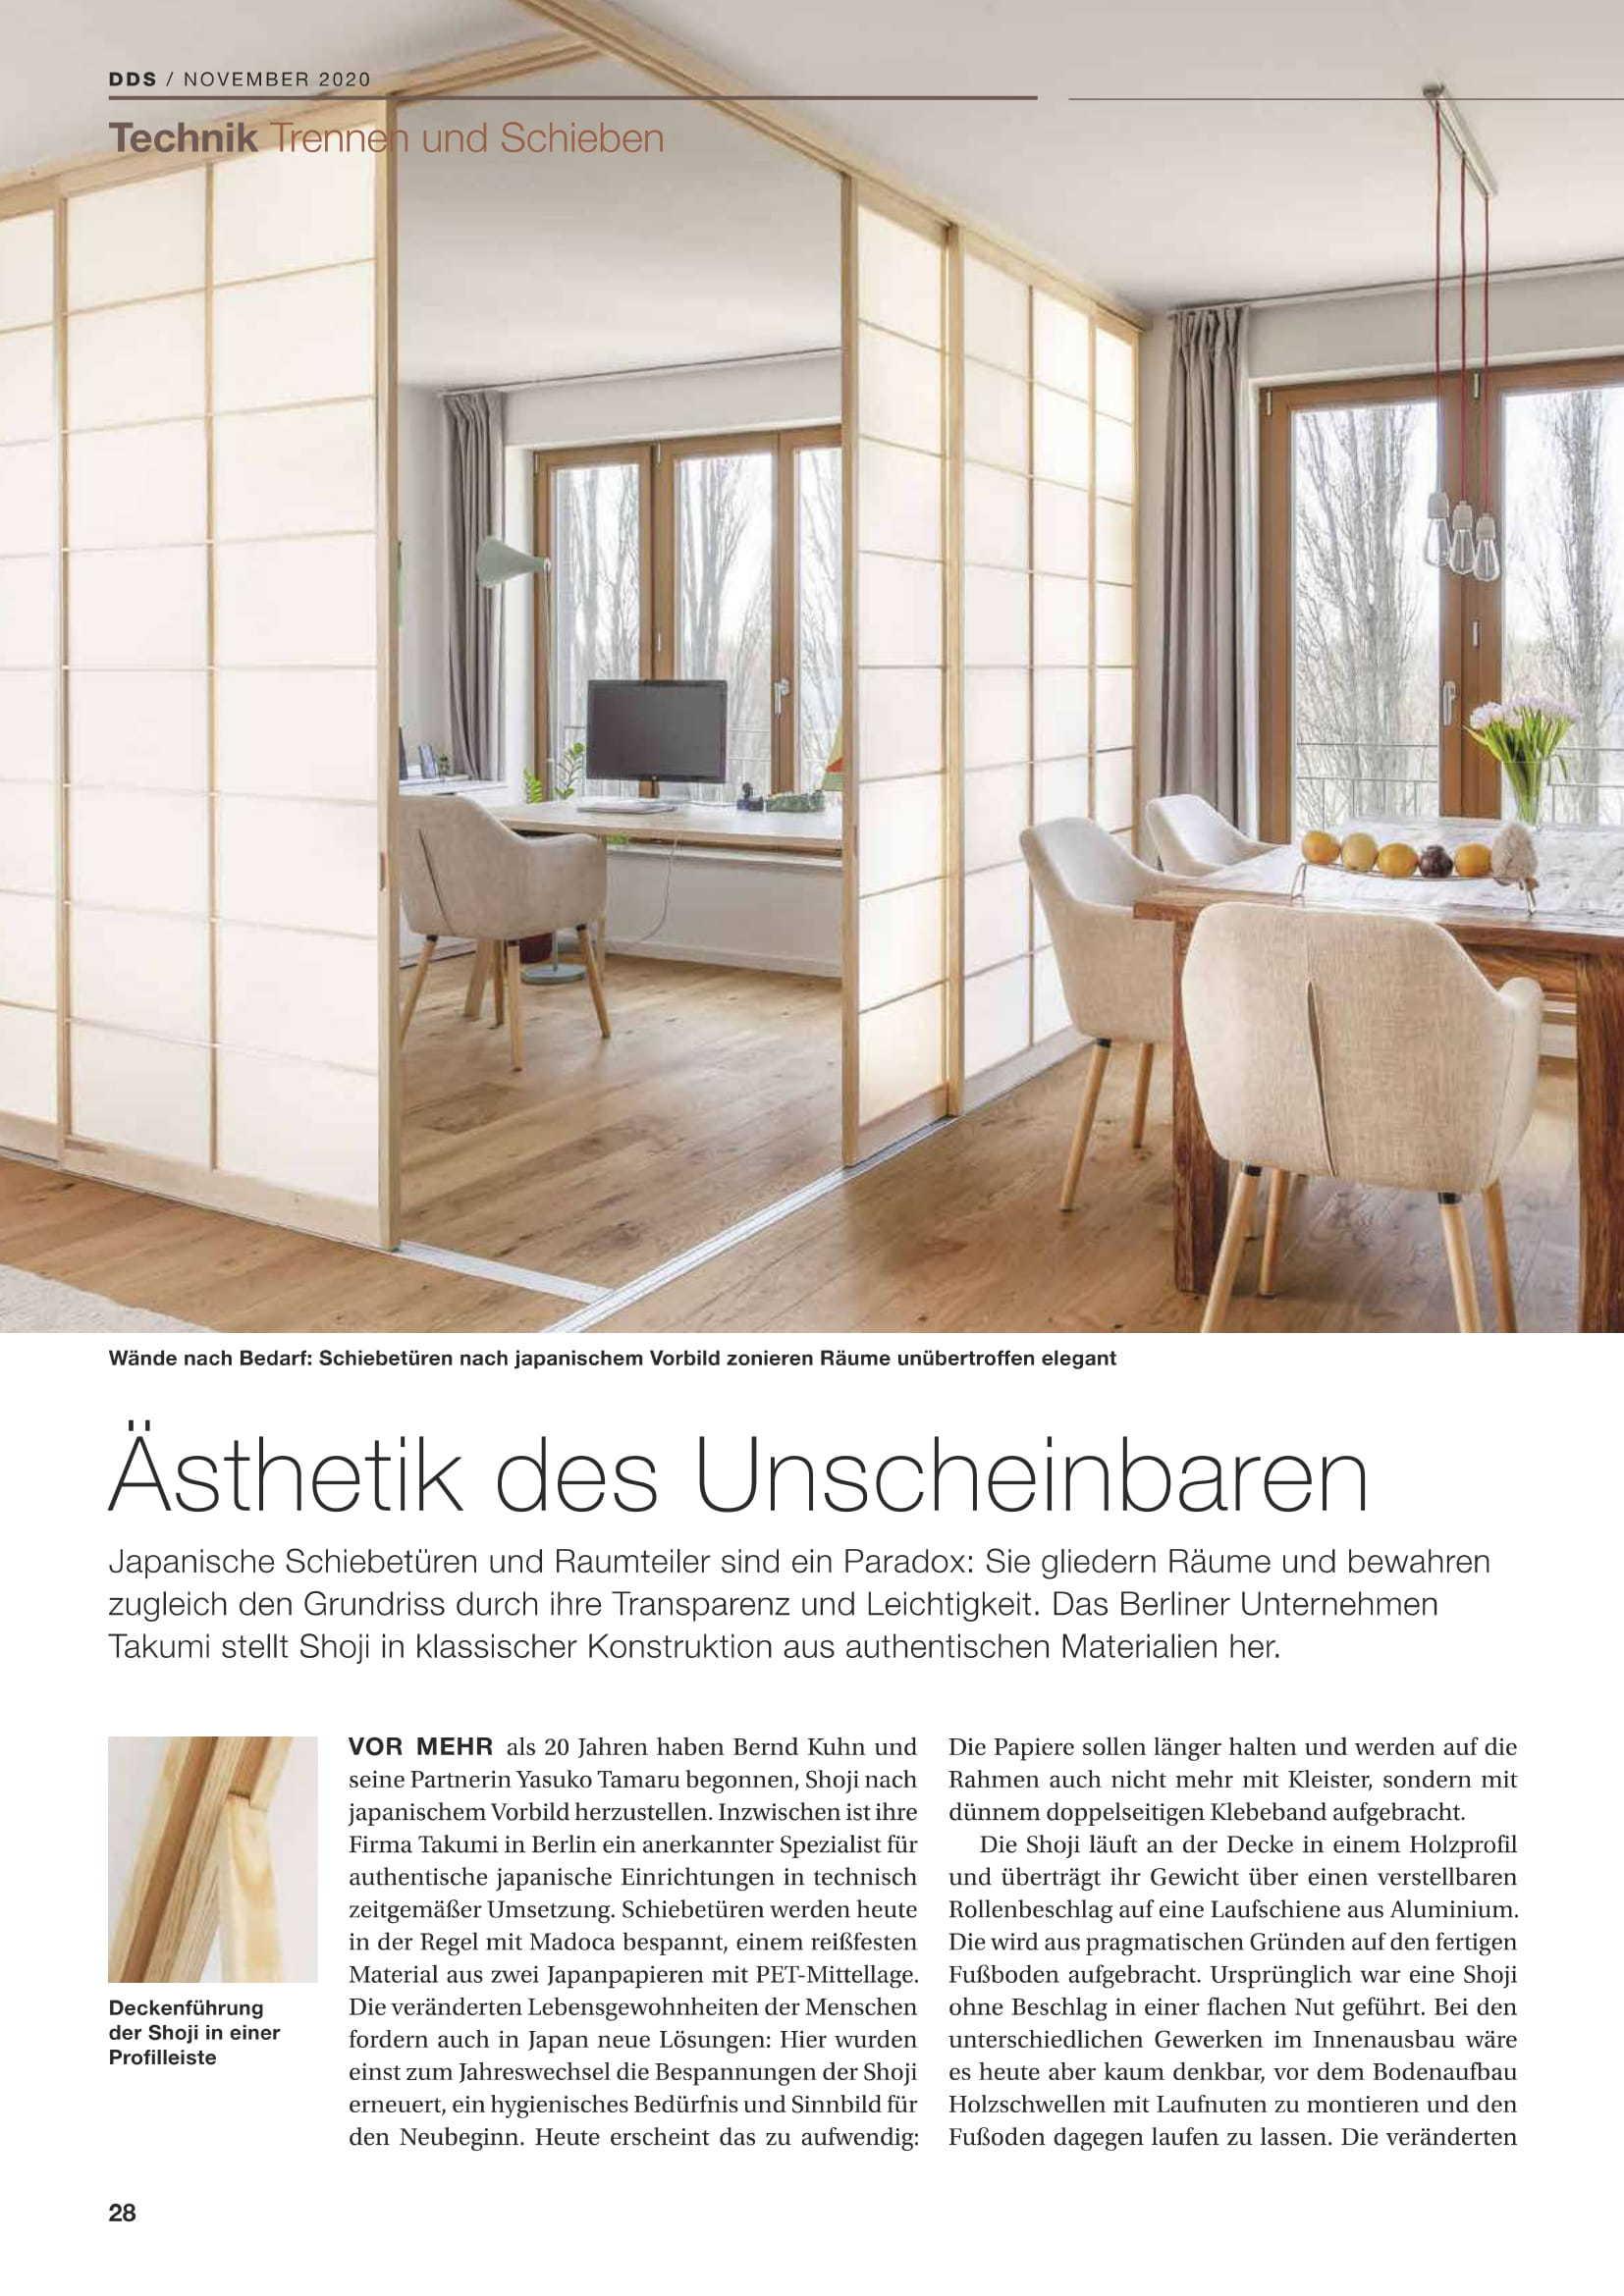 ドイツの雑誌に掲載されました。_a0355629_21573667.jpg